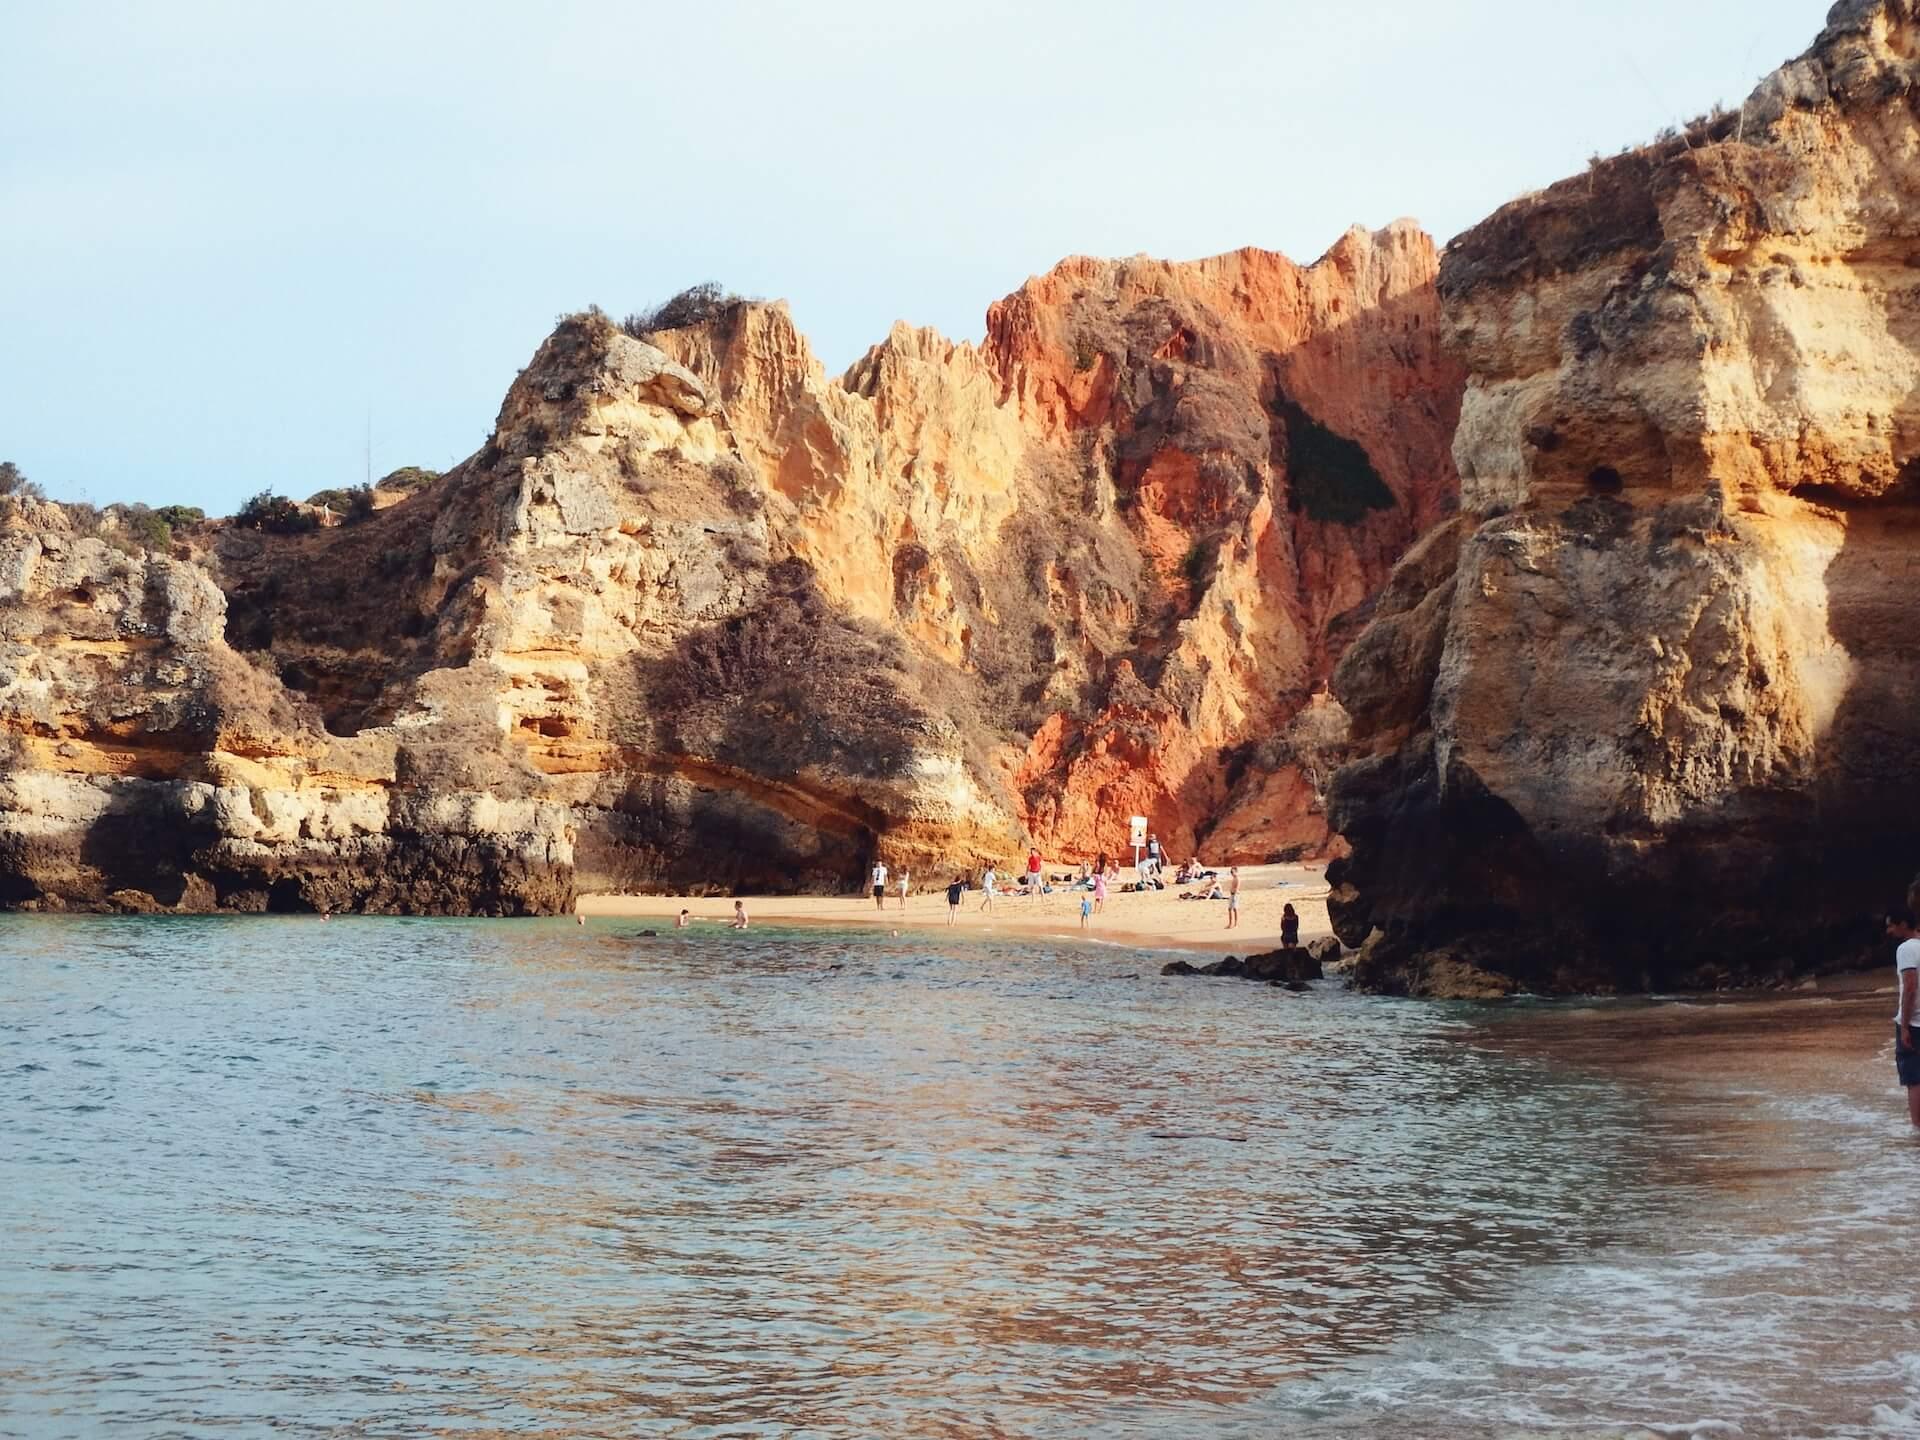 Praia do camilo, Algarve, Portugal | Moon & Honey Travel